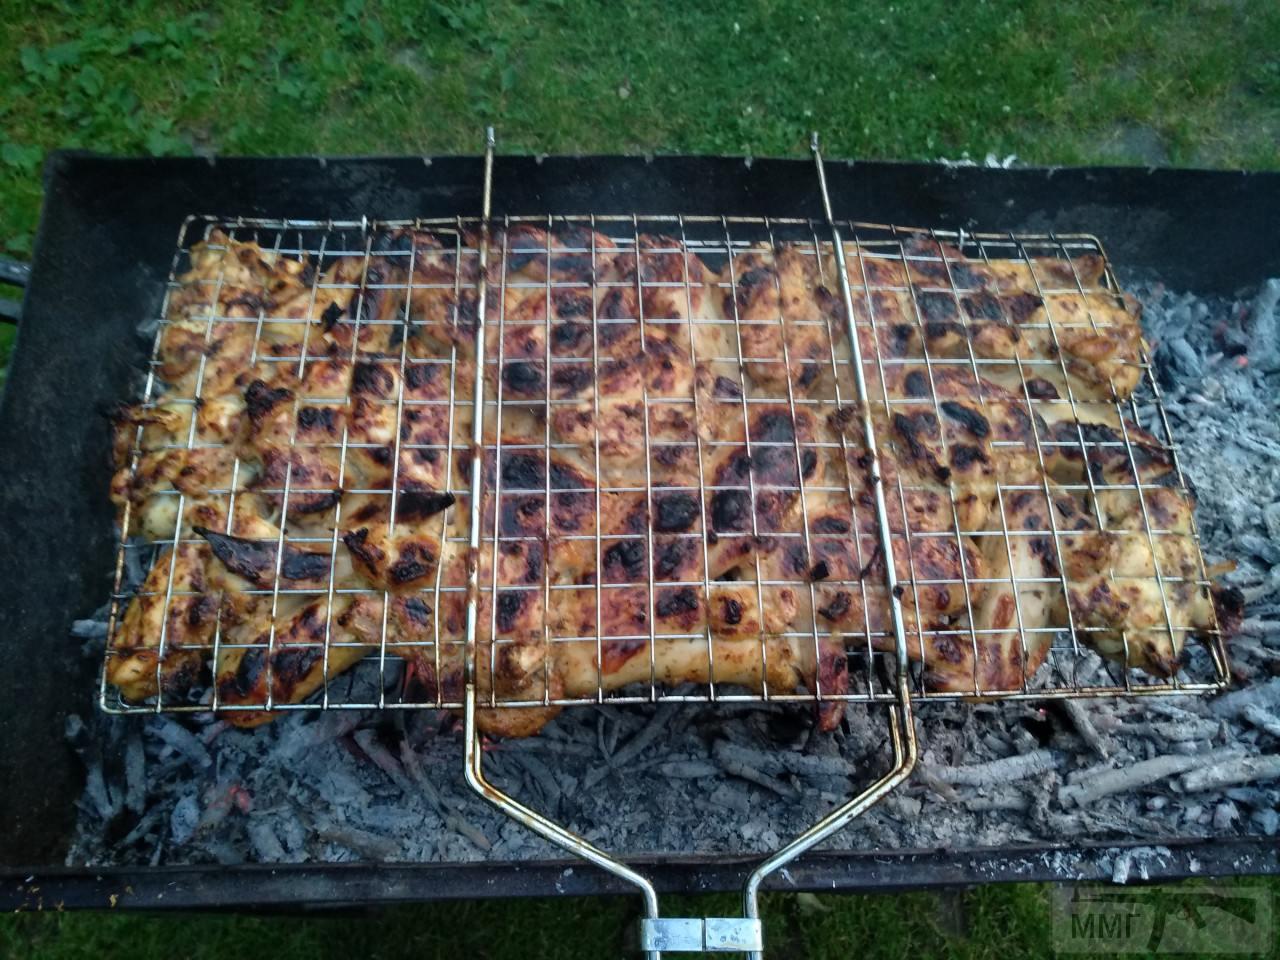 106954 - Закуски на огне (мангал, барбекю и т.д.) и кулинария вообще. Советы и рецепты.